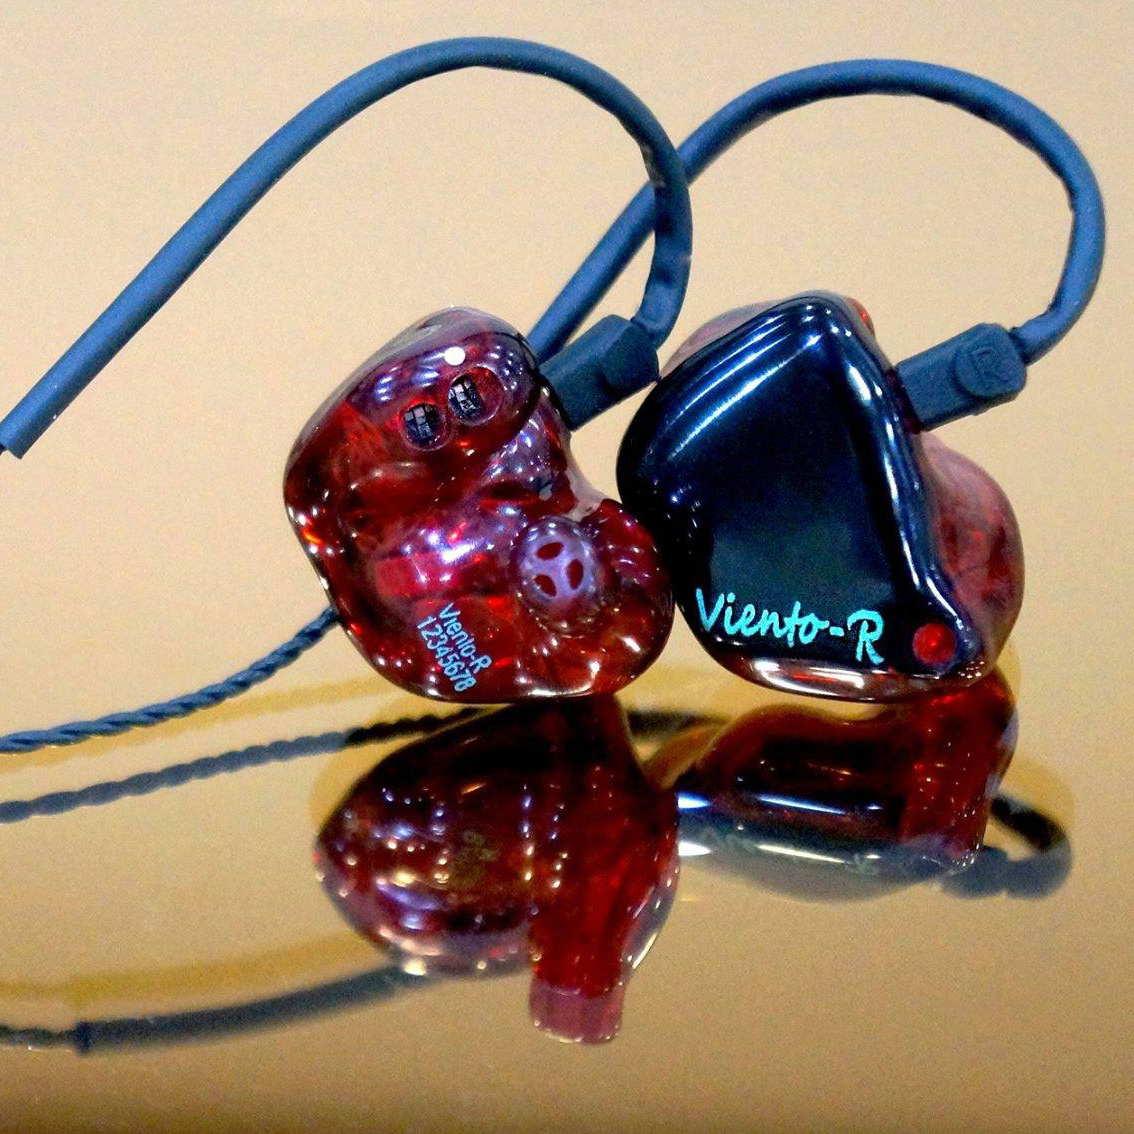 Hidition Viento-R custom in-ear monitors